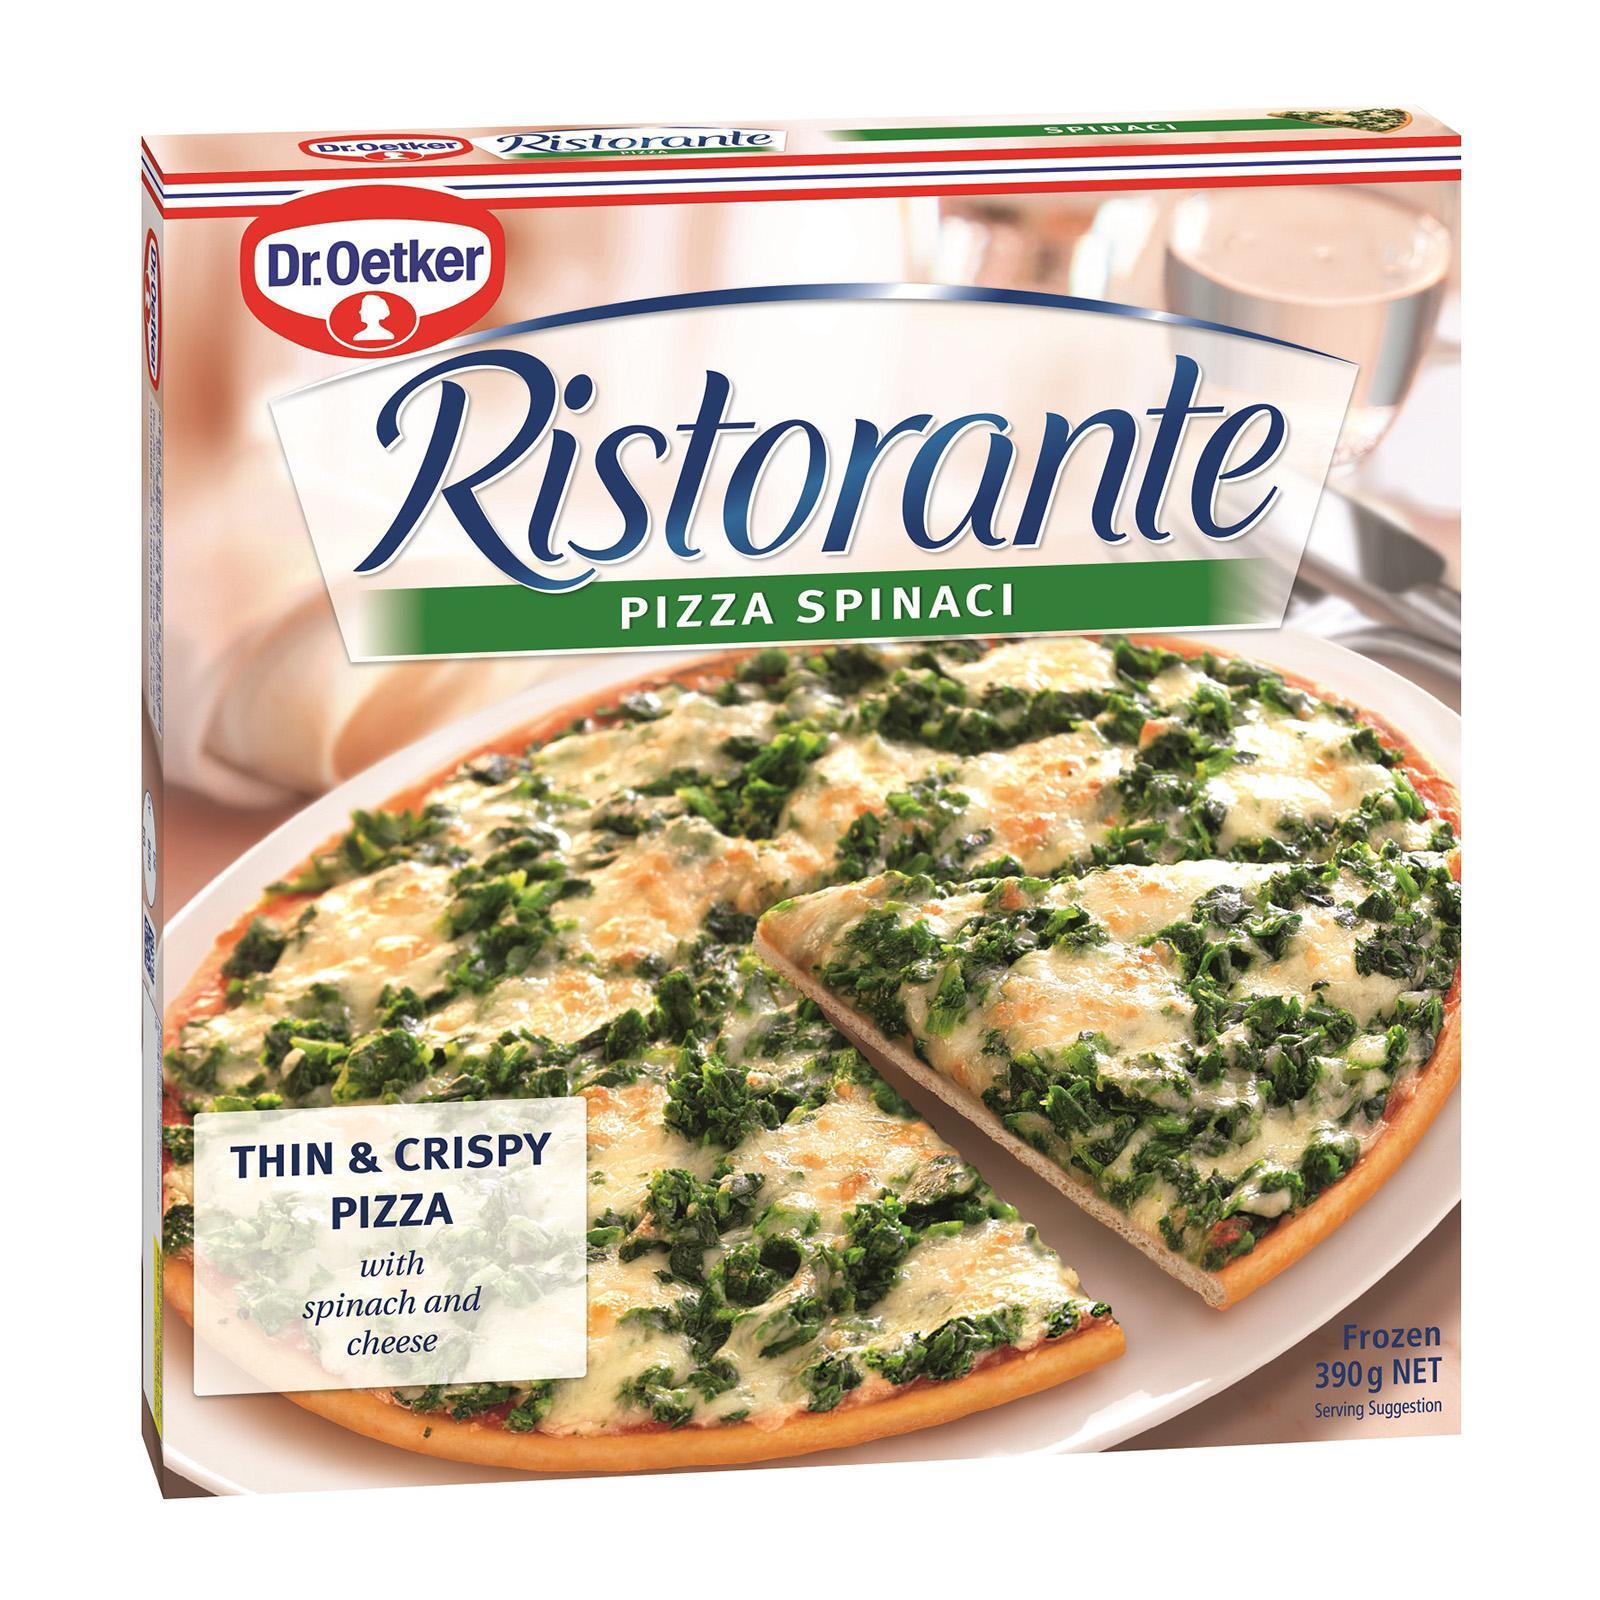 Dr Oetker Ristorante Spinach Pizza - Frozen